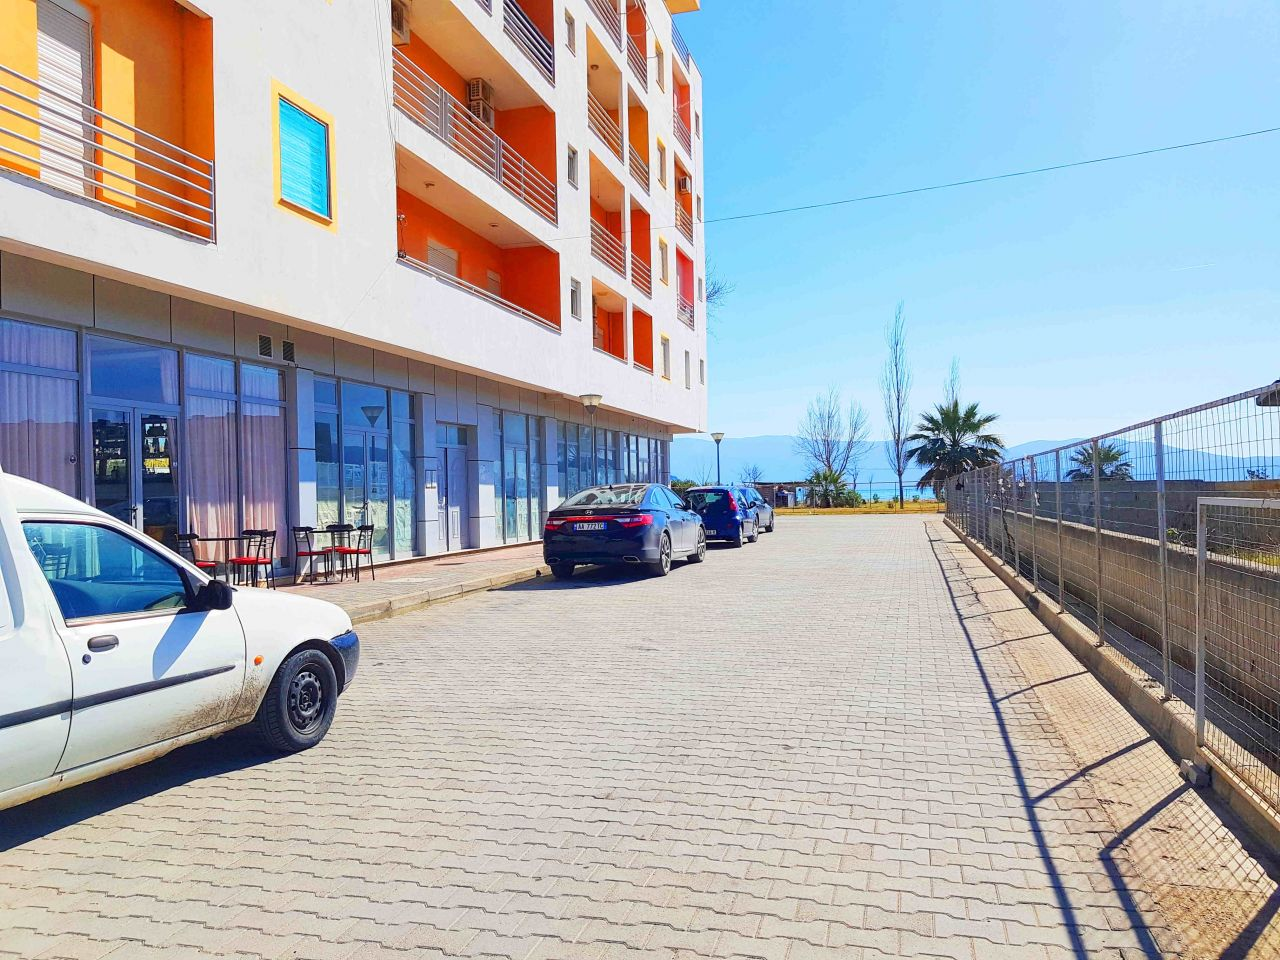 Квартира для сдачи в аренду во Влере. Квартира в аренду в Албании.